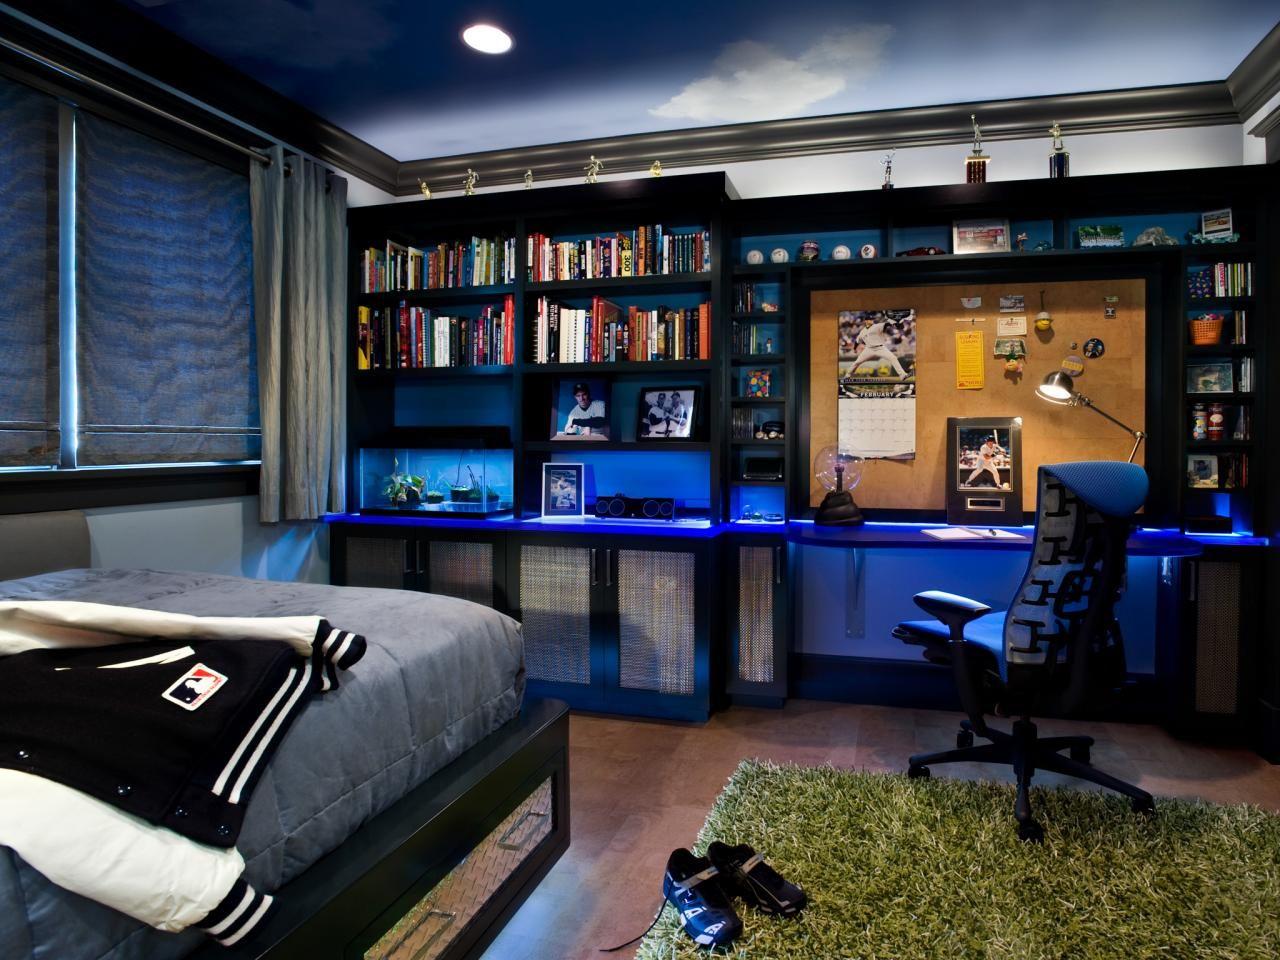 Jugendzimmer wandgestaltung farbe junge  Pin von Kathrine auf Dream home   Pinterest